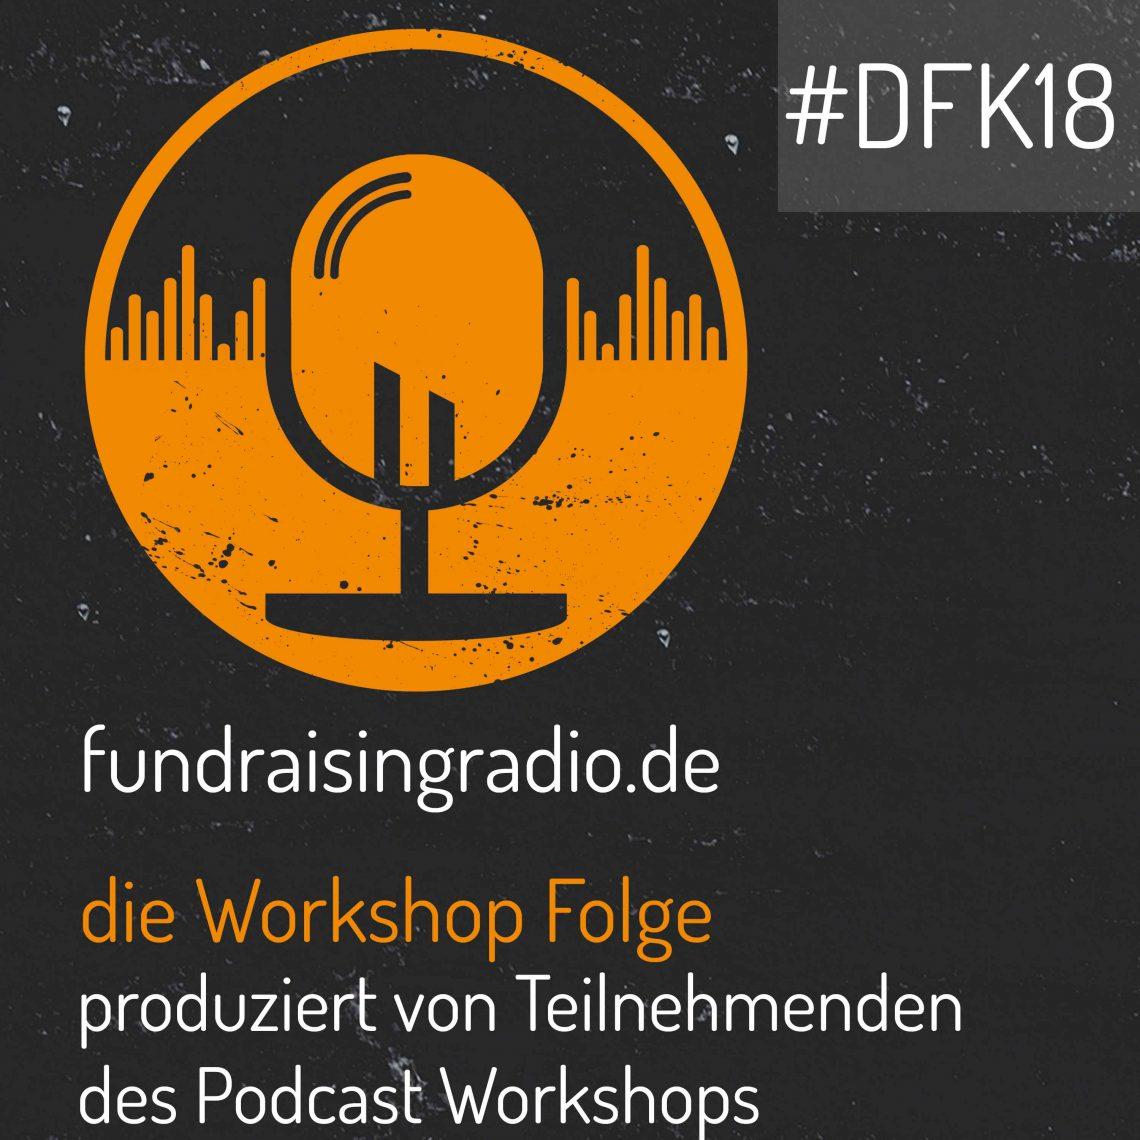 Fundraising Radio: Die Workshop Folge